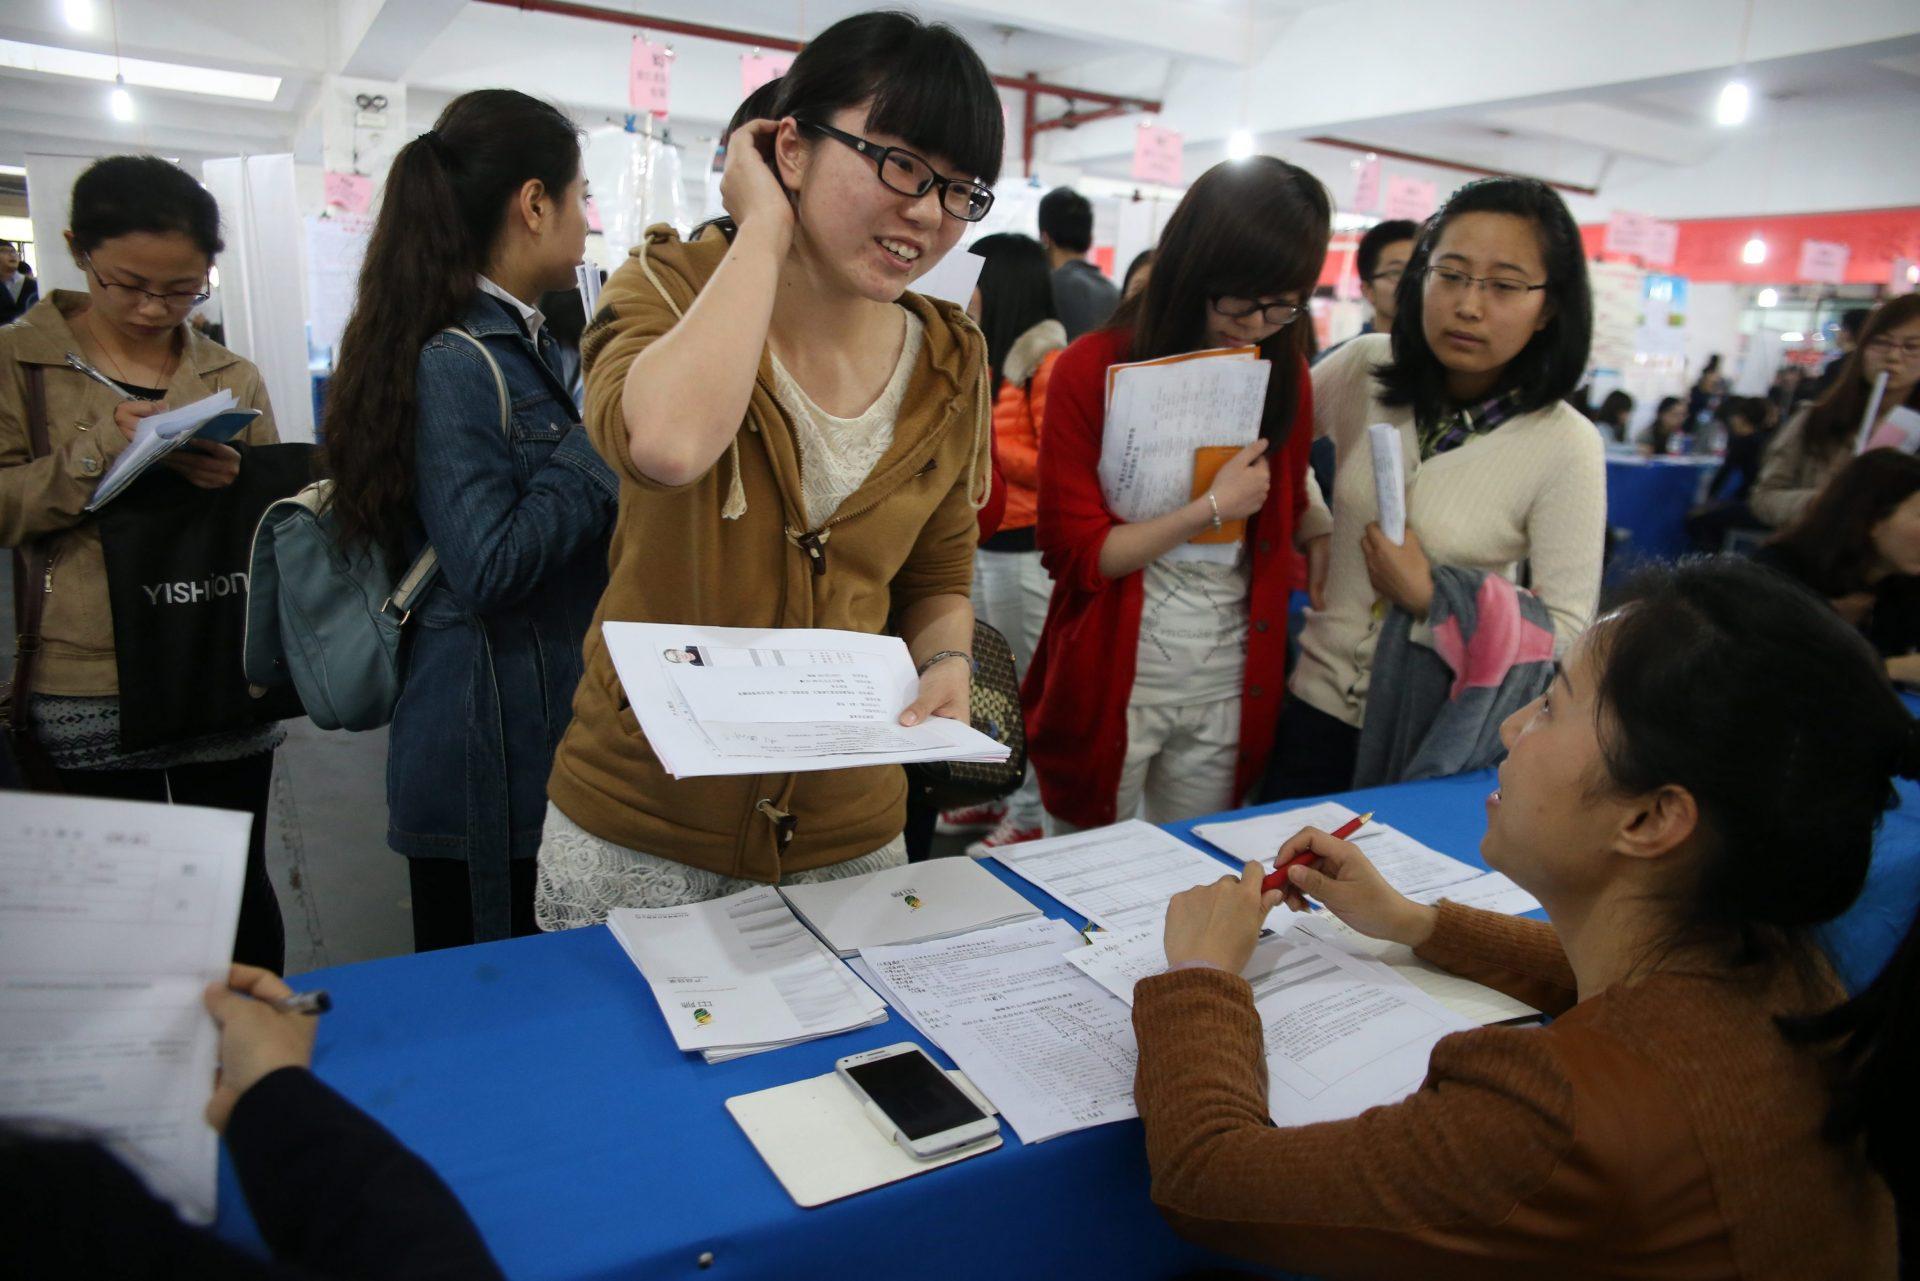 Foto LUSA: Uma estudante chinesa recém-formada à procura de colocação no mercado de trabalho. Hangzhou, província de Zhejiang, China, 28 de março de 2014. EPA / WU HONG